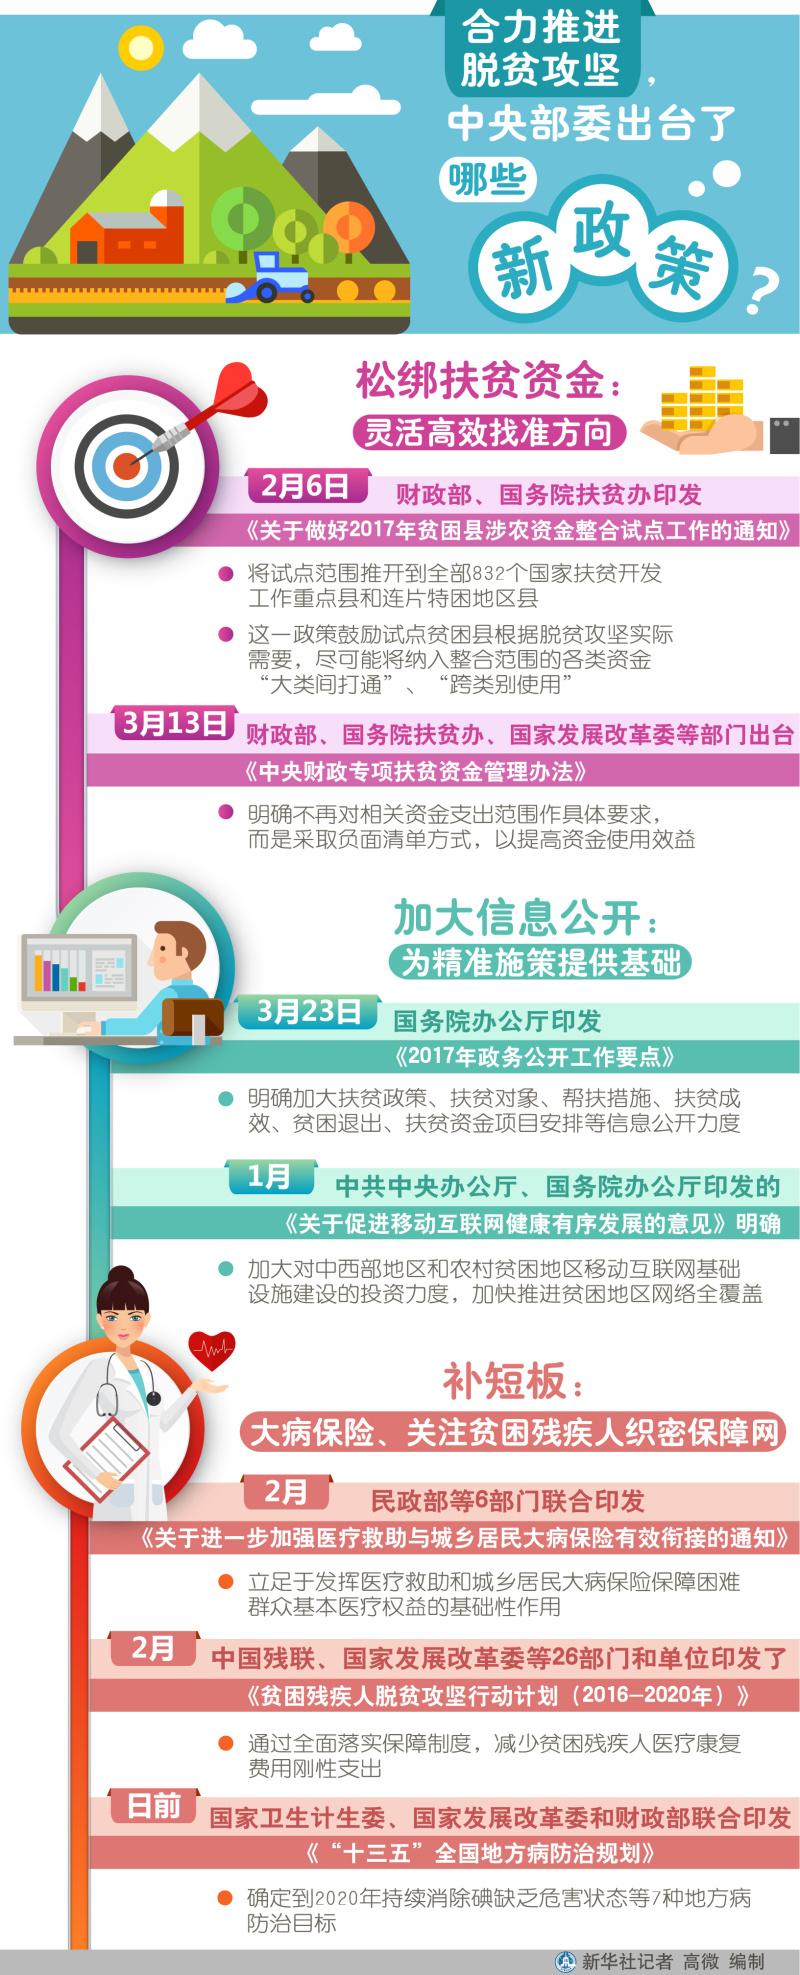 图表:合力推进脱贫攻坚,中央部委出台了哪些新政策?